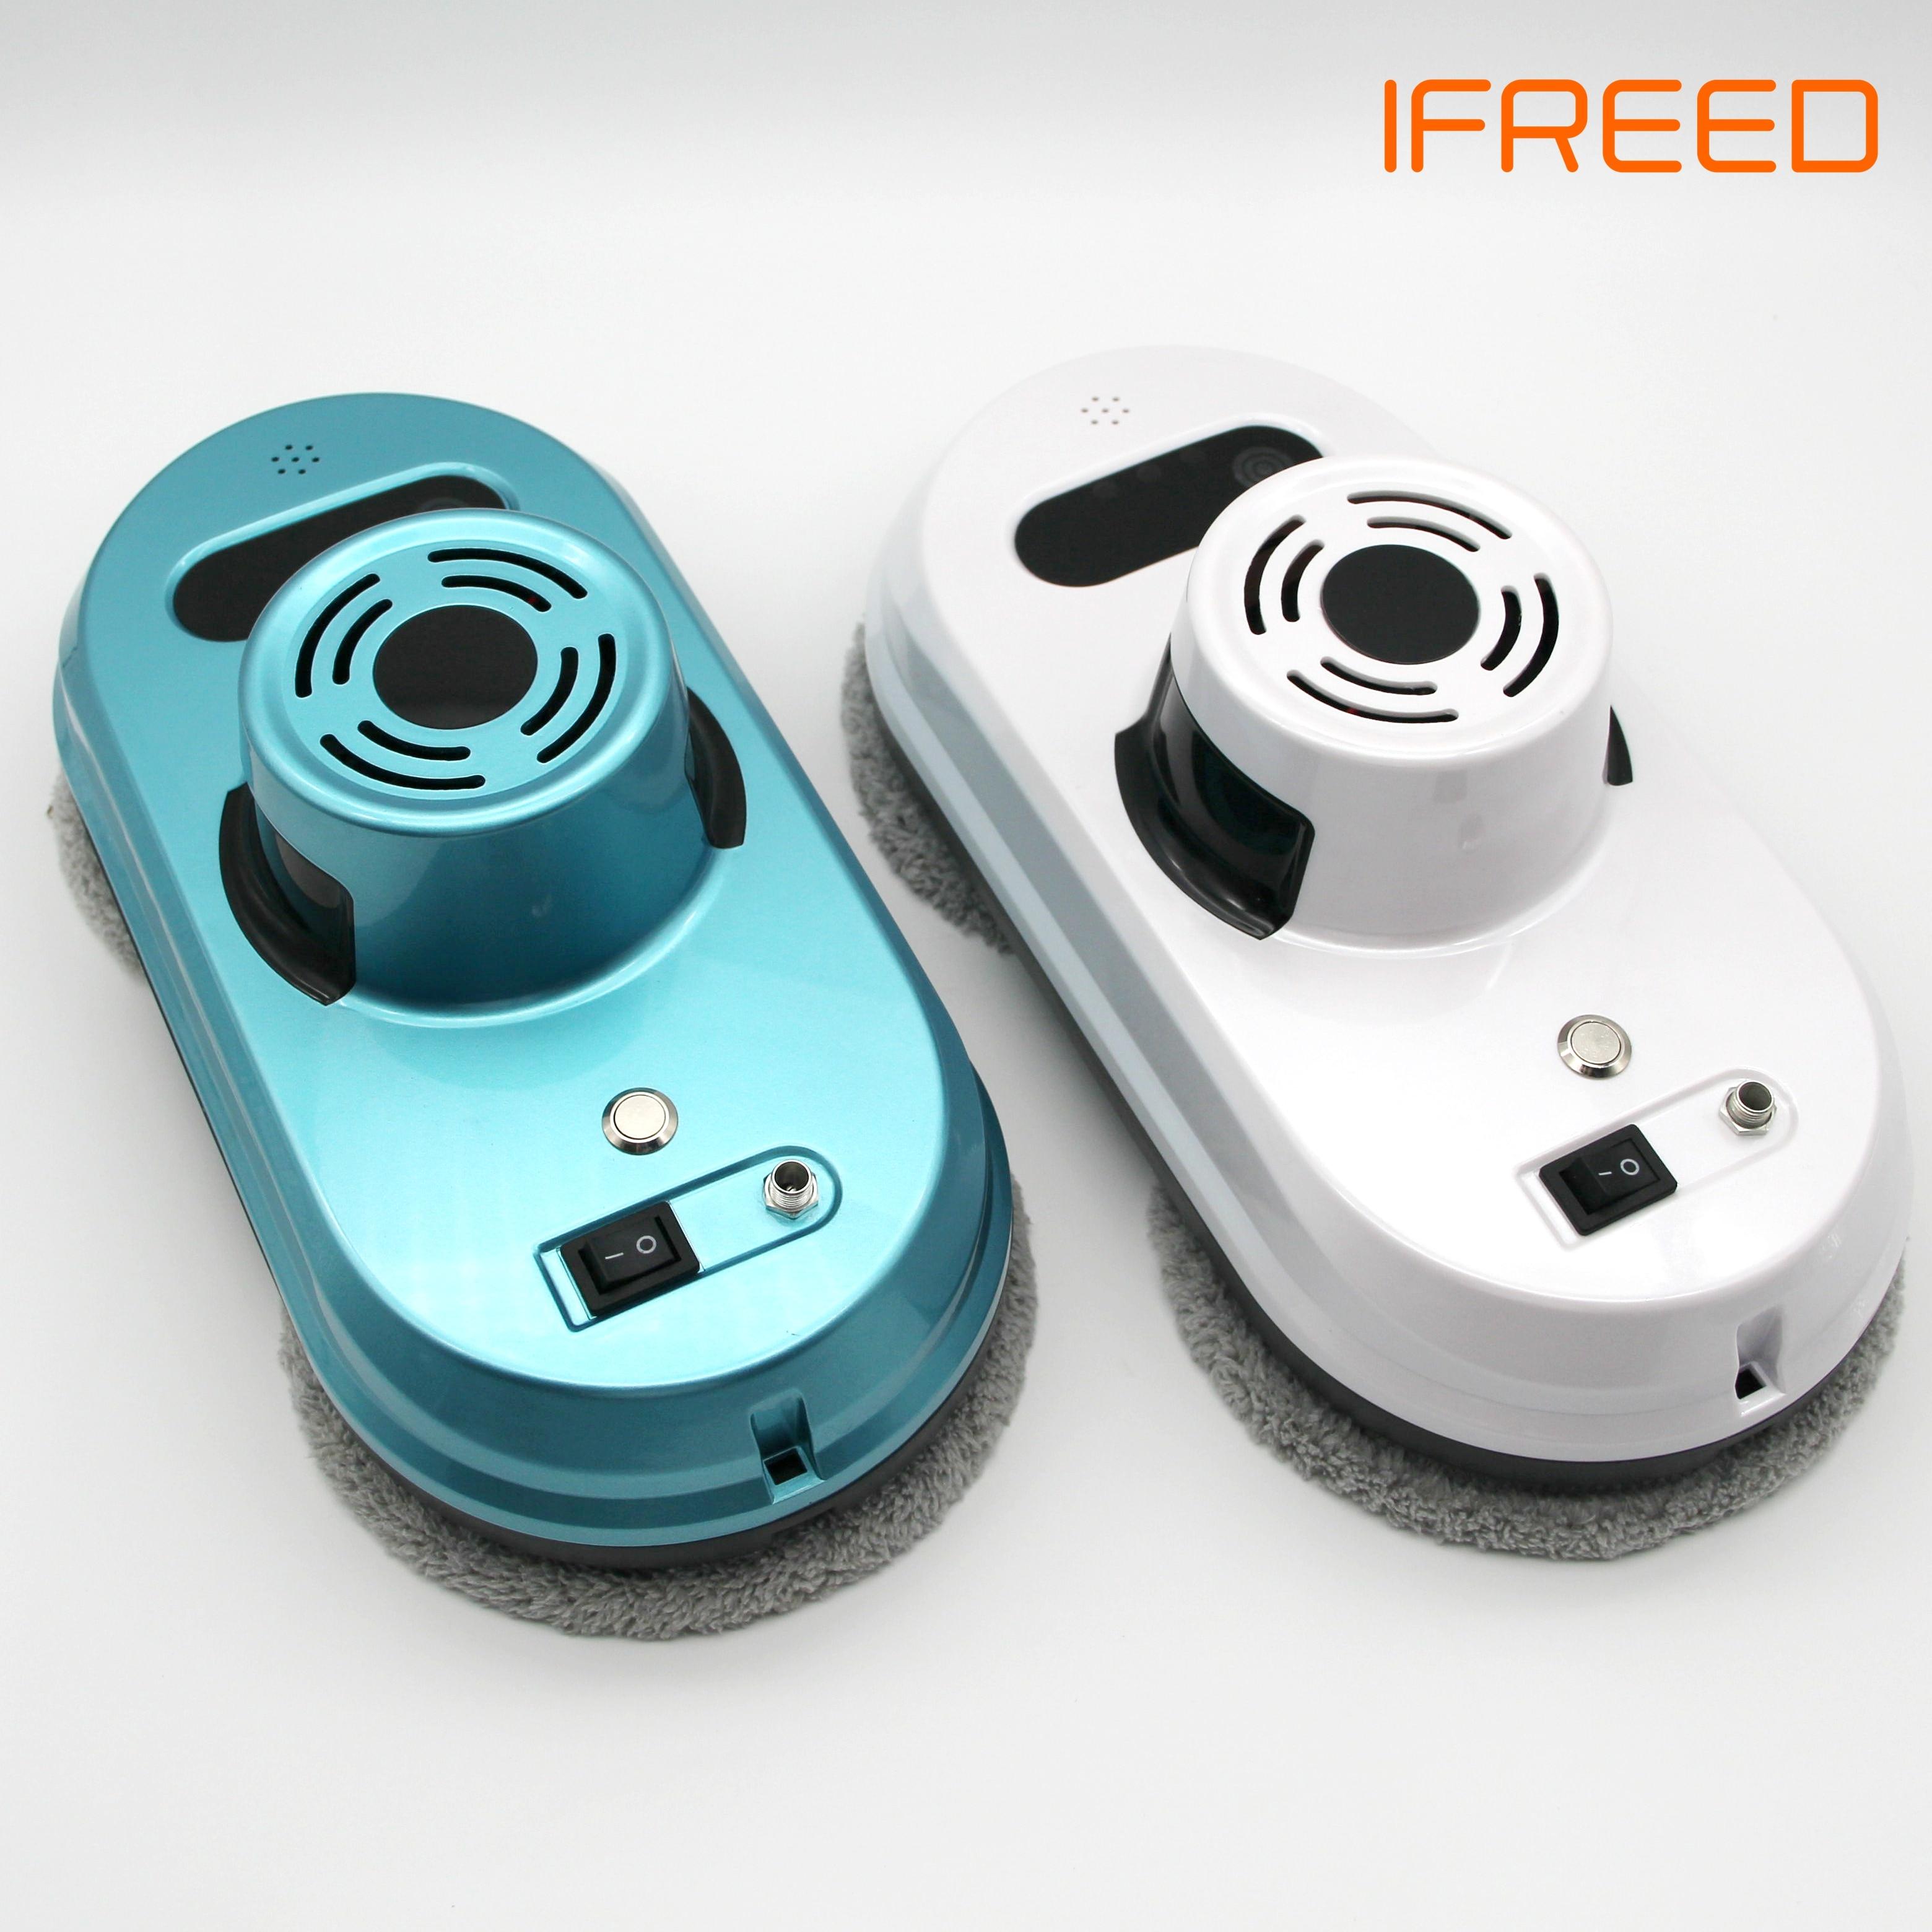 2019 Nieuwe Modellen Robot Stofzuiger Glas Glazenwassen Robot Schoon Glas Wasmachine EU Russische Adapter Schoonmaken-in Stofzuigers van Huishoudelijk Apparatuur op  Groep 1